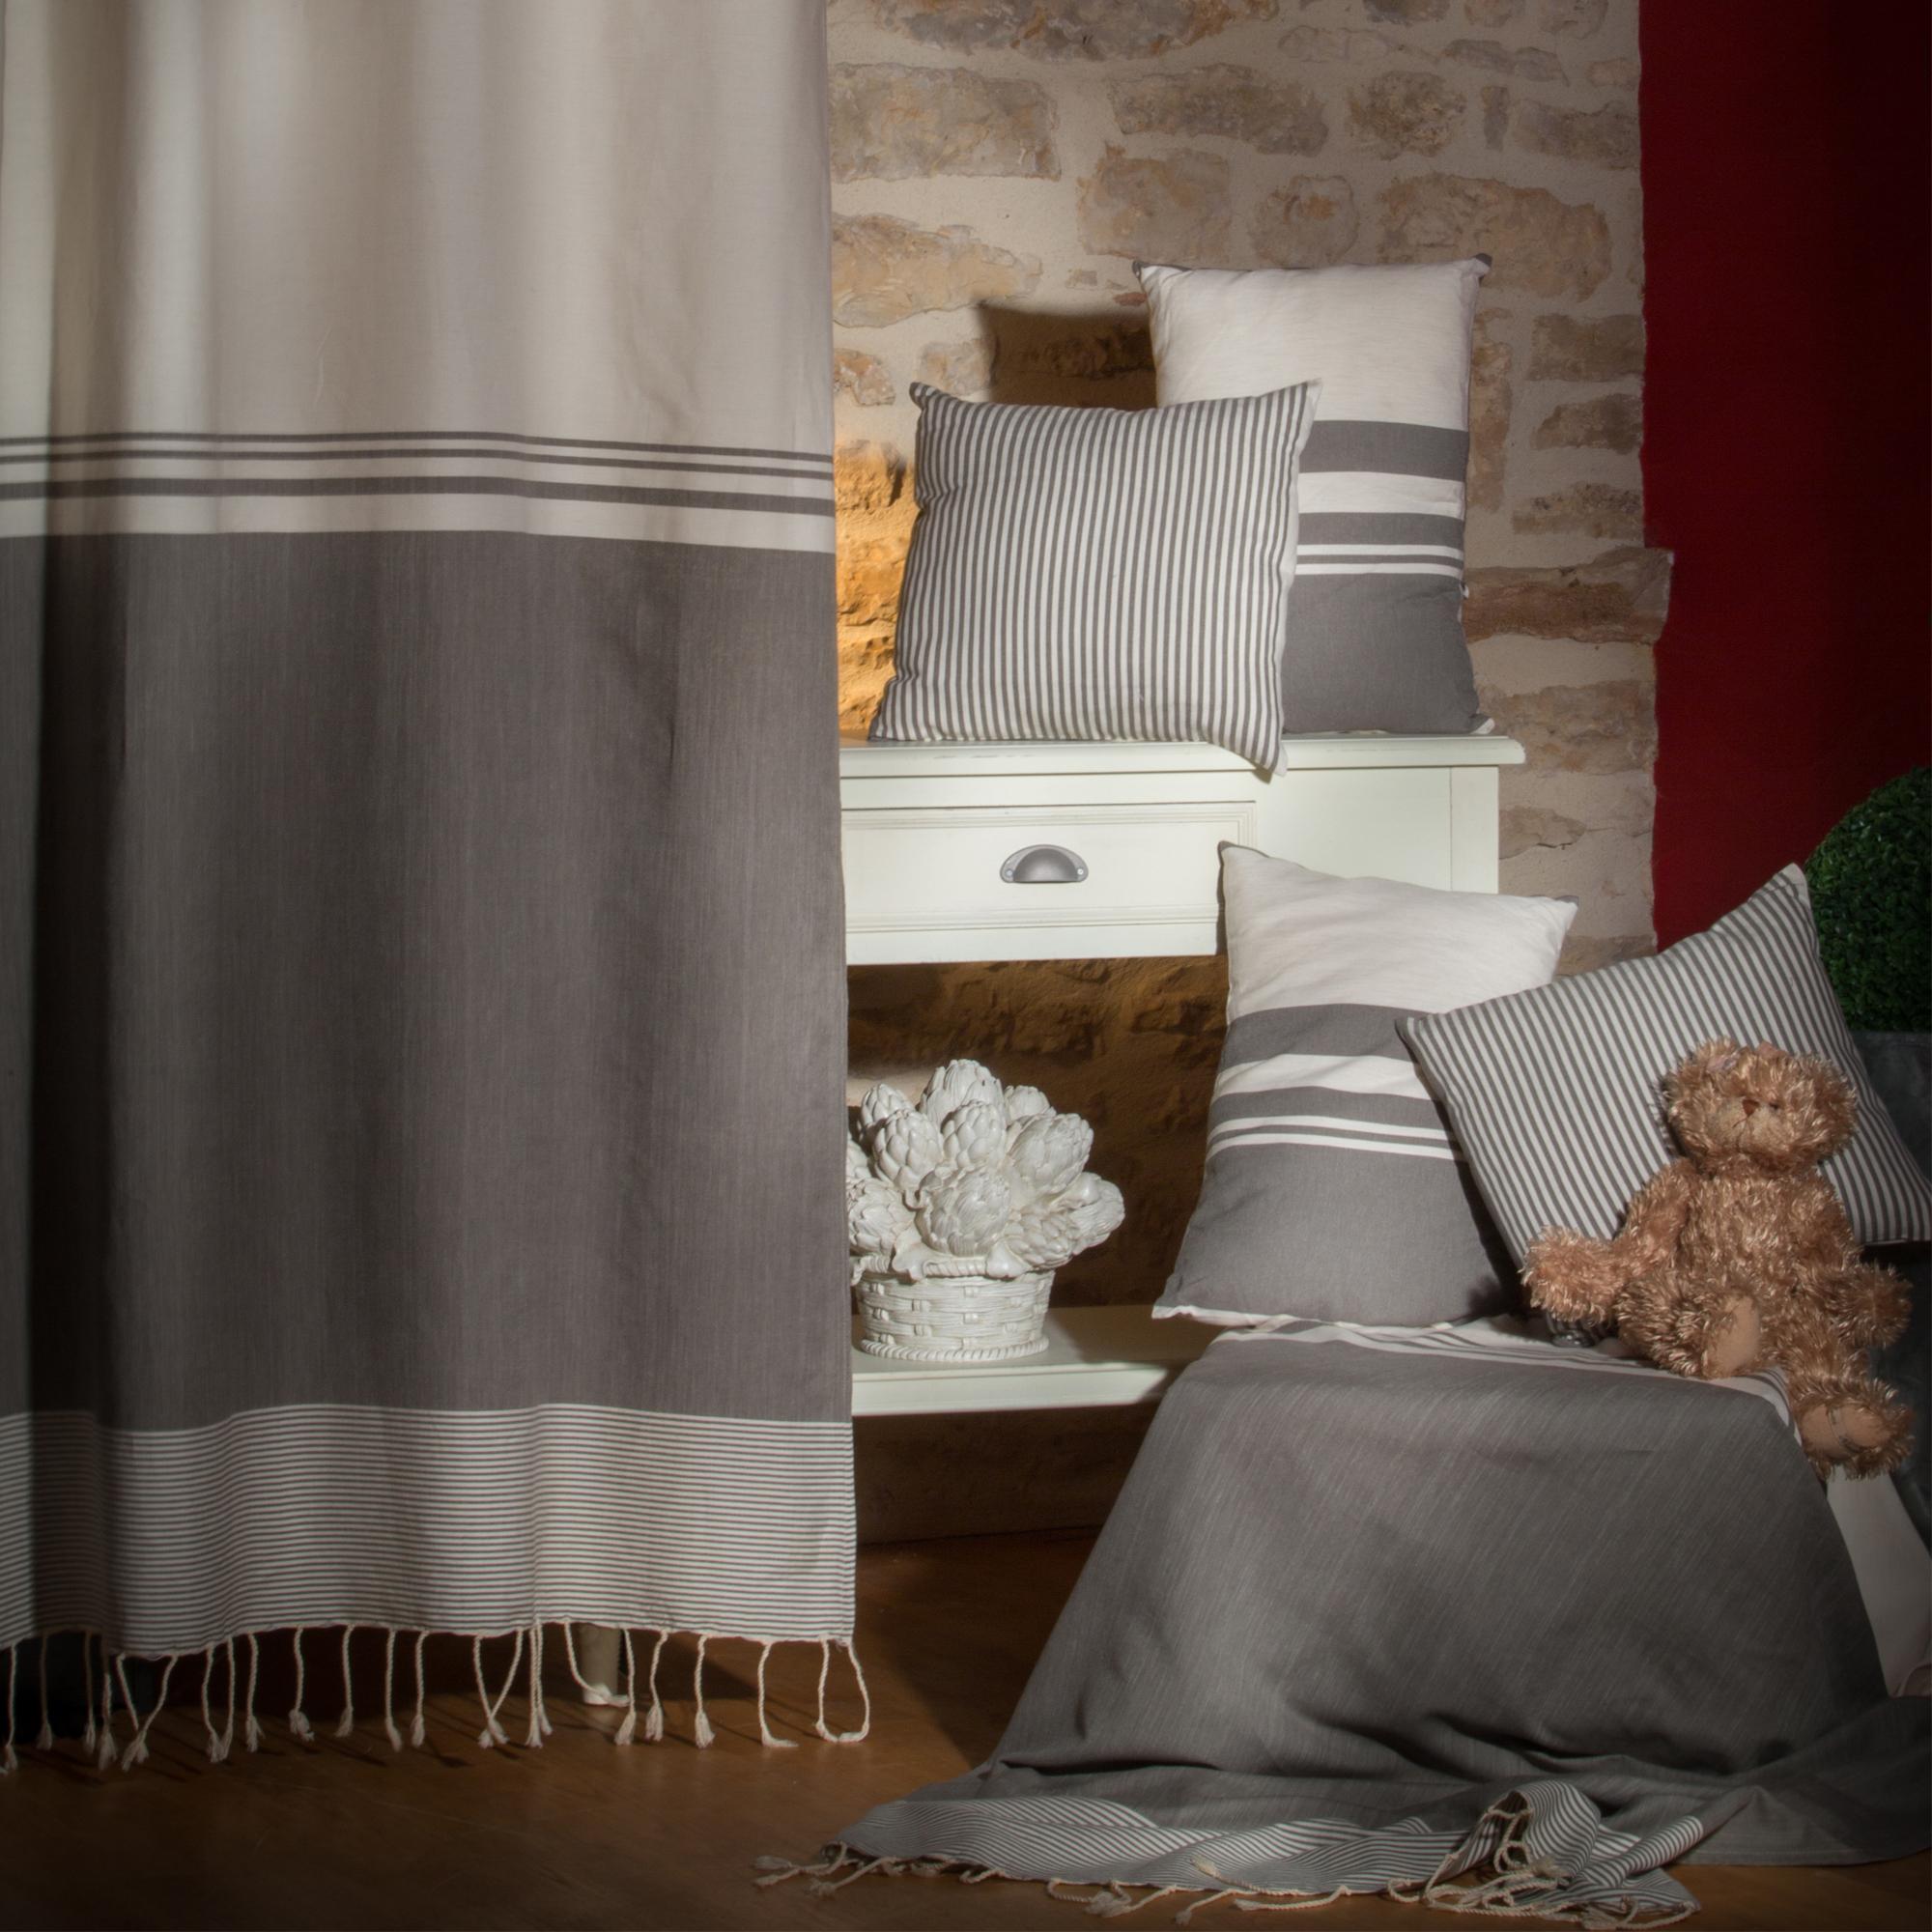 TANGER - Rideau ajustable coton rayures écru et taupe 140 x 210 à 240